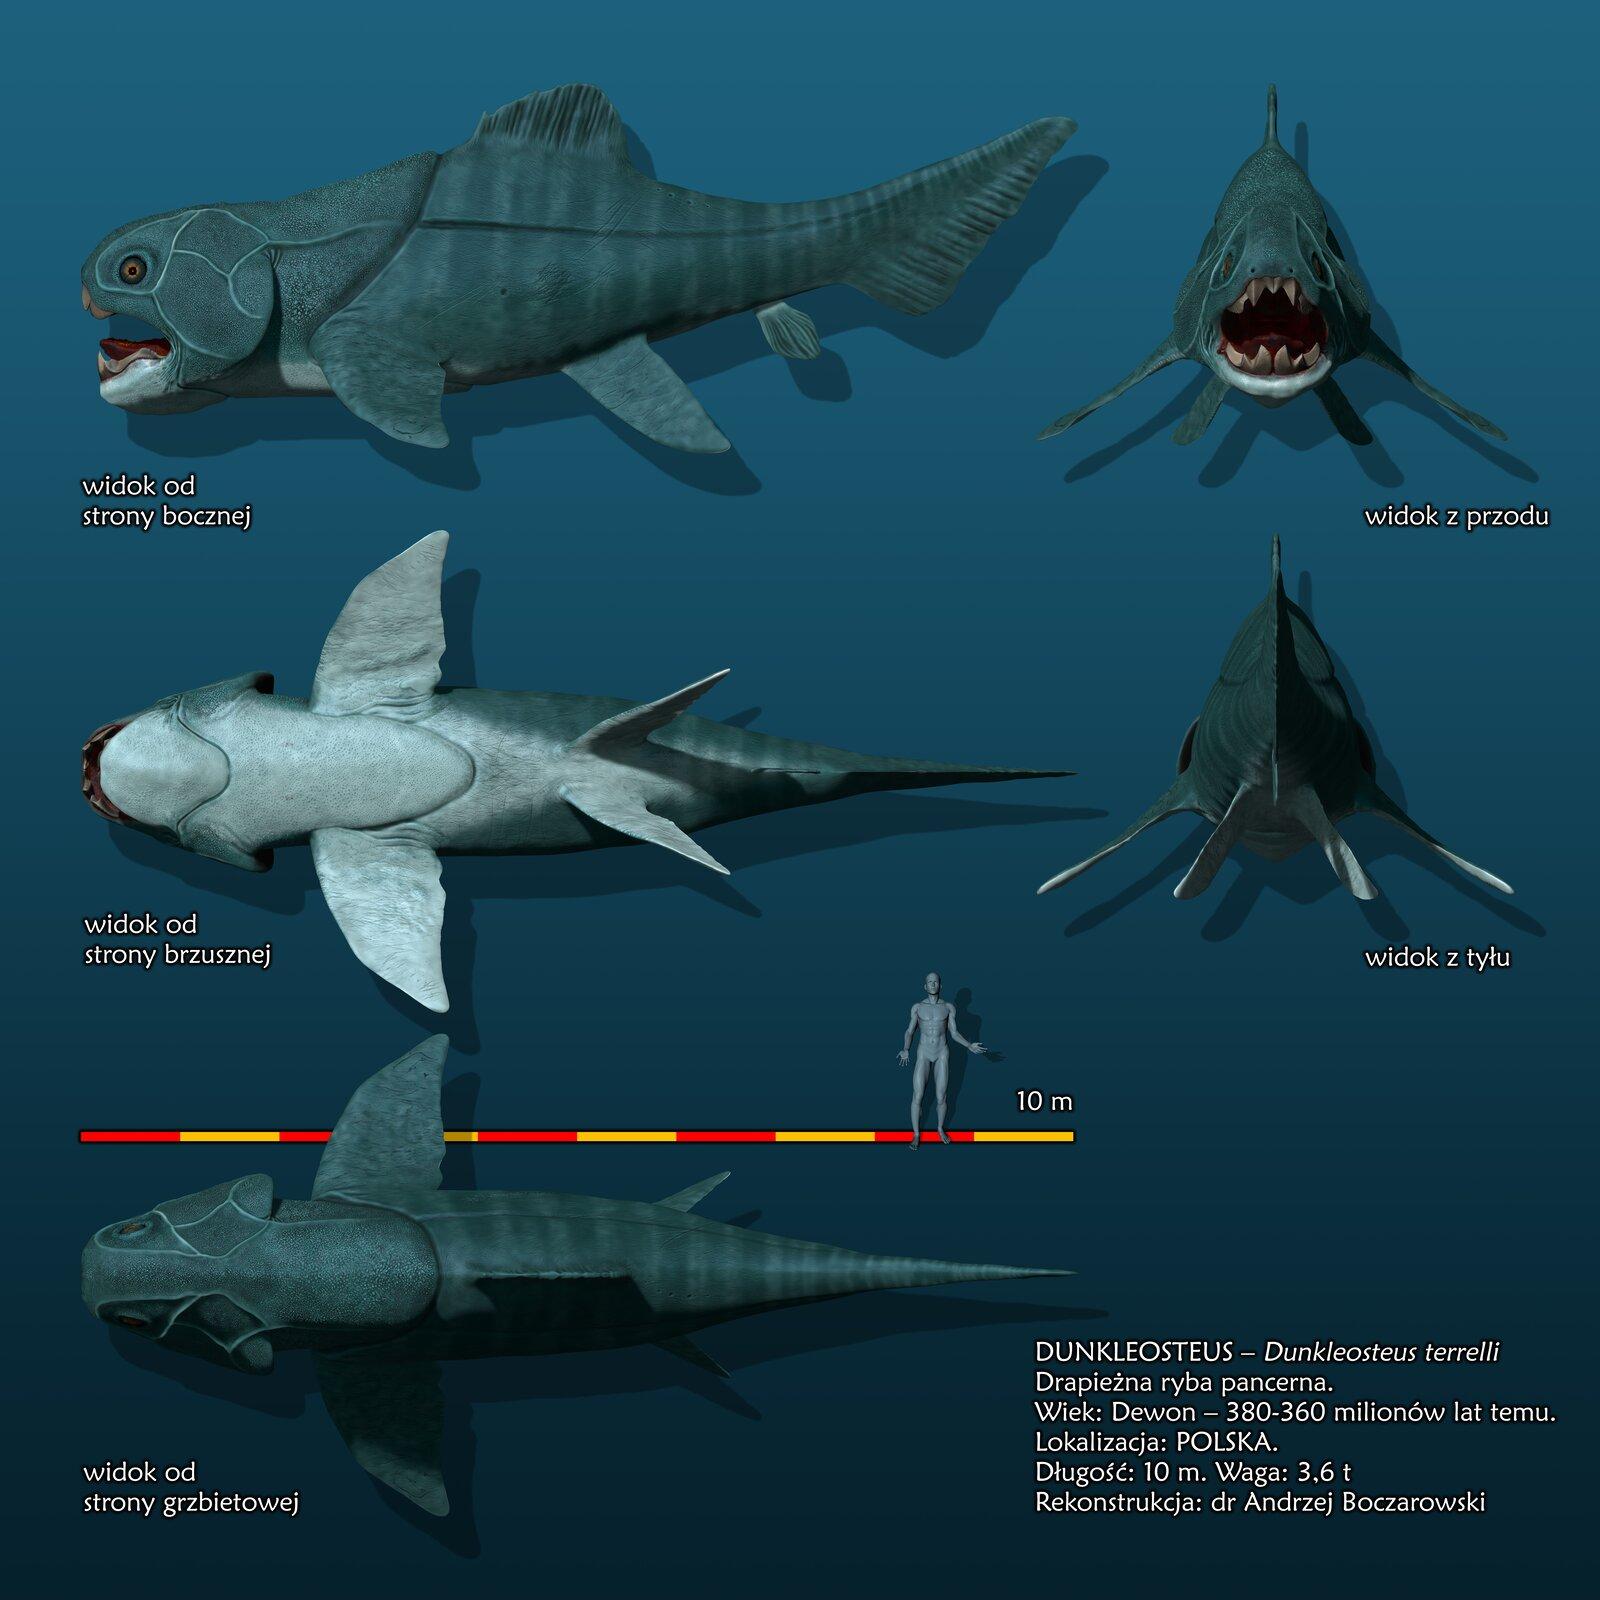 Wymarła ryba – Dunkleosteus. Na górze widać ciało widoczne zboku. Ryba jest szara. Tylna część ciała wąska, aprzednia masywna. Głowa pokryta płytami przypominającymi pancerz. Szczęki wyposażone wduże stożkowate zęby. Poniżej widać rybę od spodu. Ciało ma biały kolor. Widać duże płetwy piersiowe przypominające skrzydła. Poniżej jest podziałka liniowa, na której wyznaczono odcinki odpowiadające długości 1 mkażdy. Obok podziałki liniowej widać sylwetkę człowieka. Najniżej znajduje się ryba widoczna zgóry.